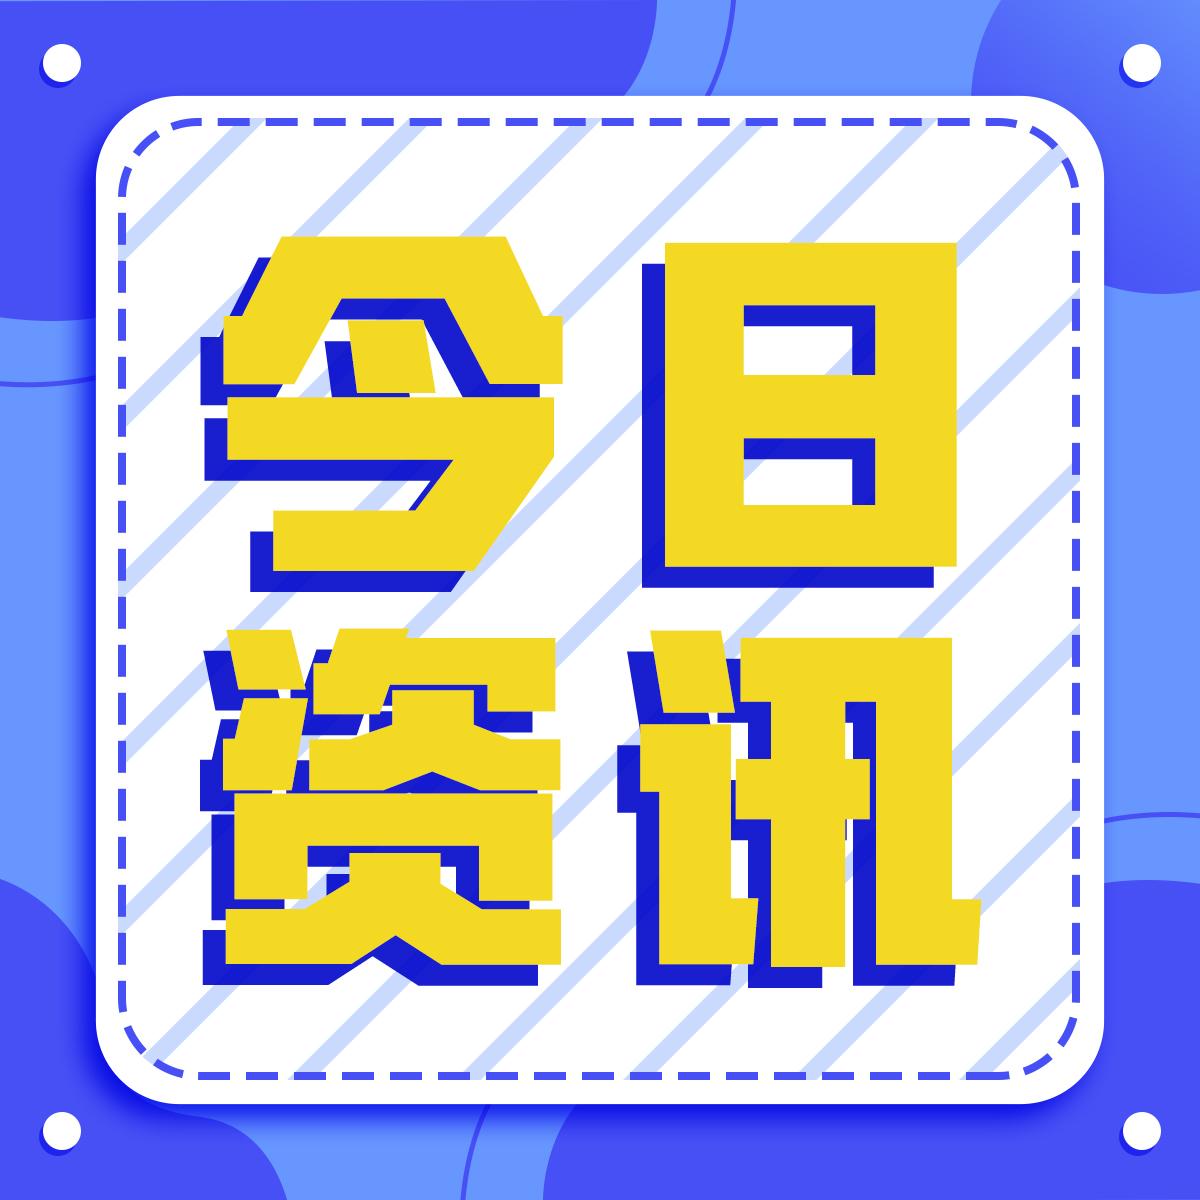 龙岗六约丨中国知名内衣品牌招聘白班小时工!